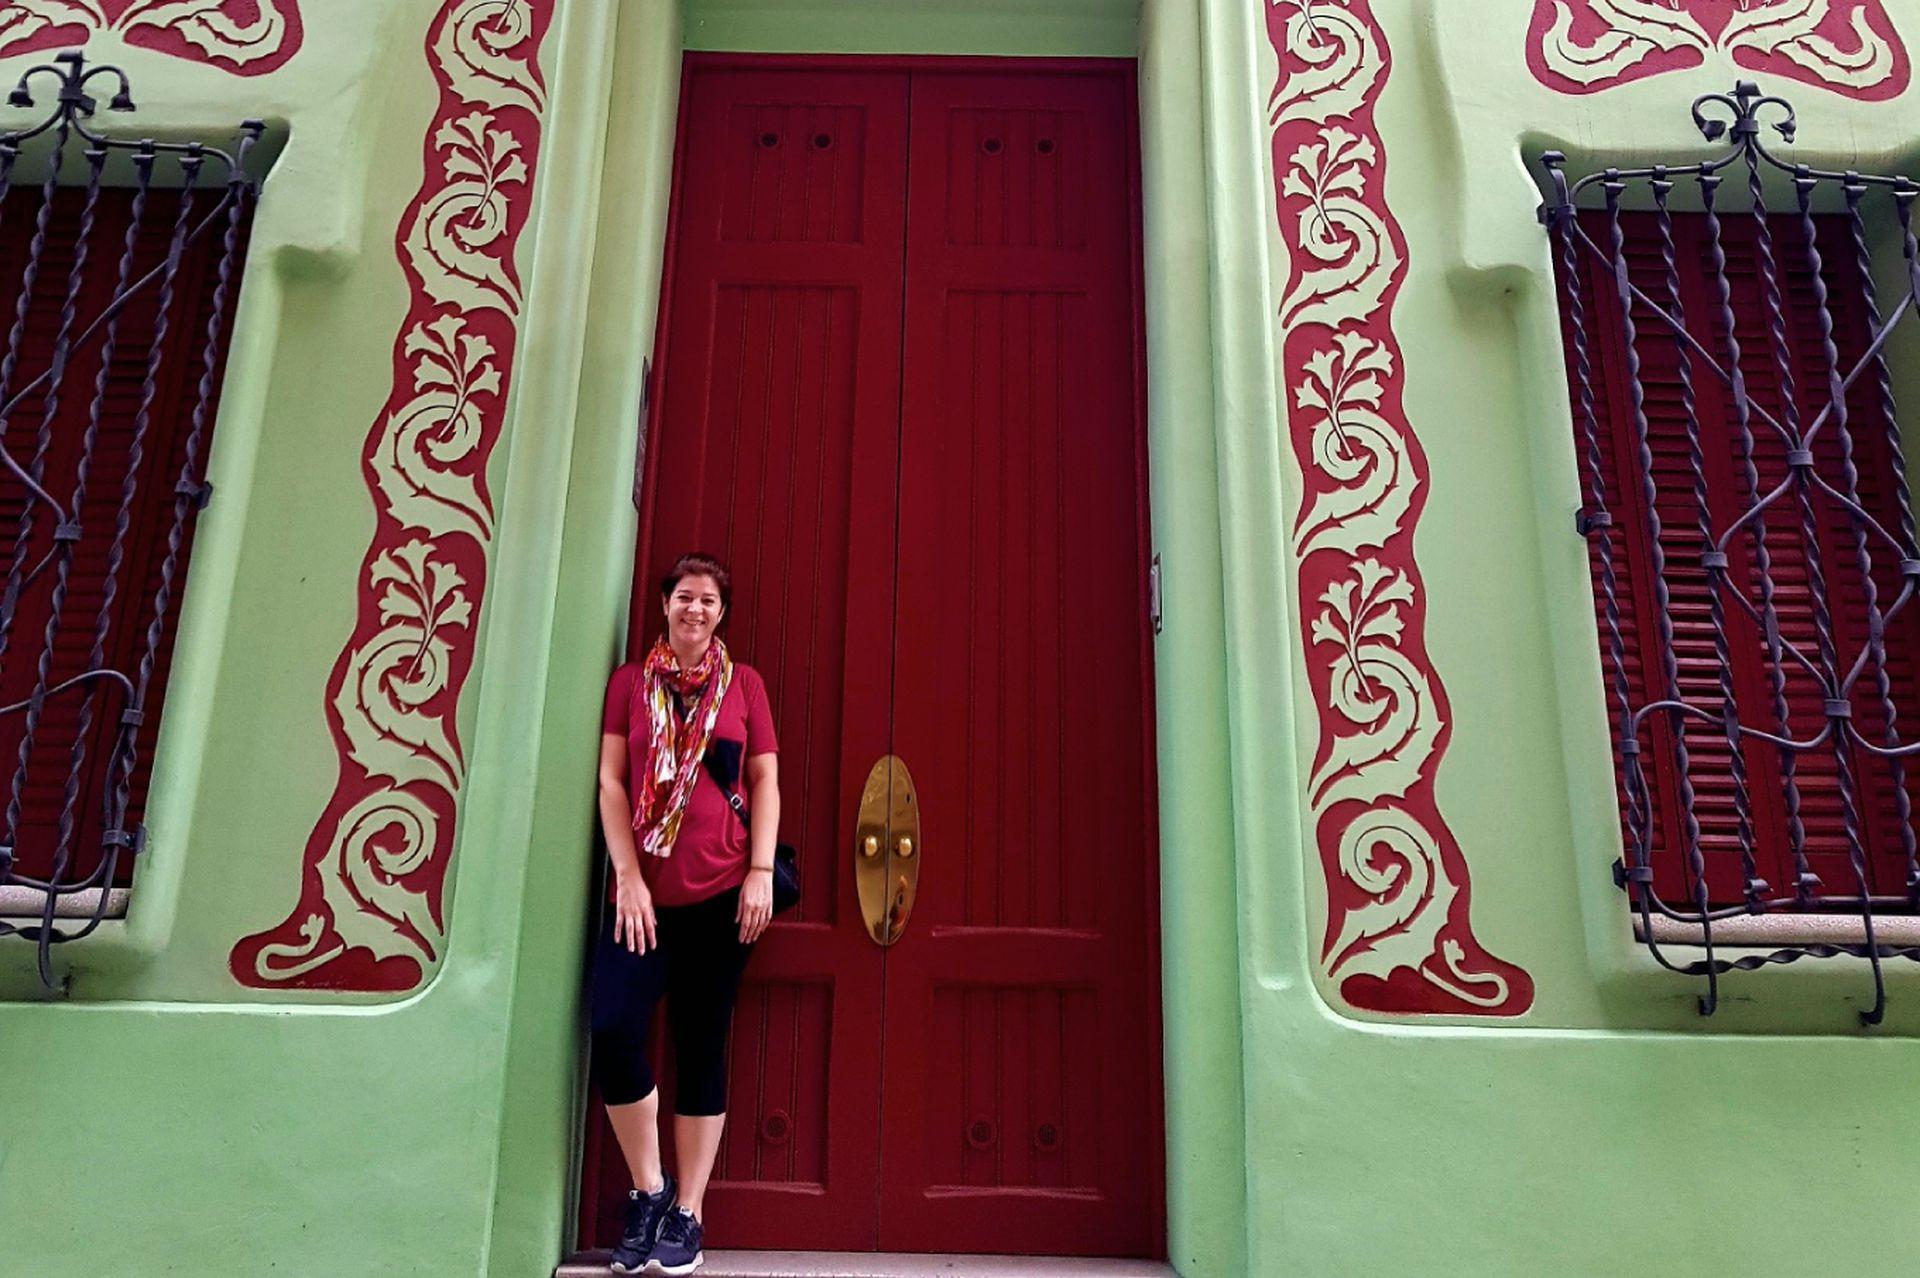 La Argentina, Alejandra Ferreiro hoy vive en Barcelona. En la foto, la Casa Padua, en el Distrito de Gracia, Barcelona.